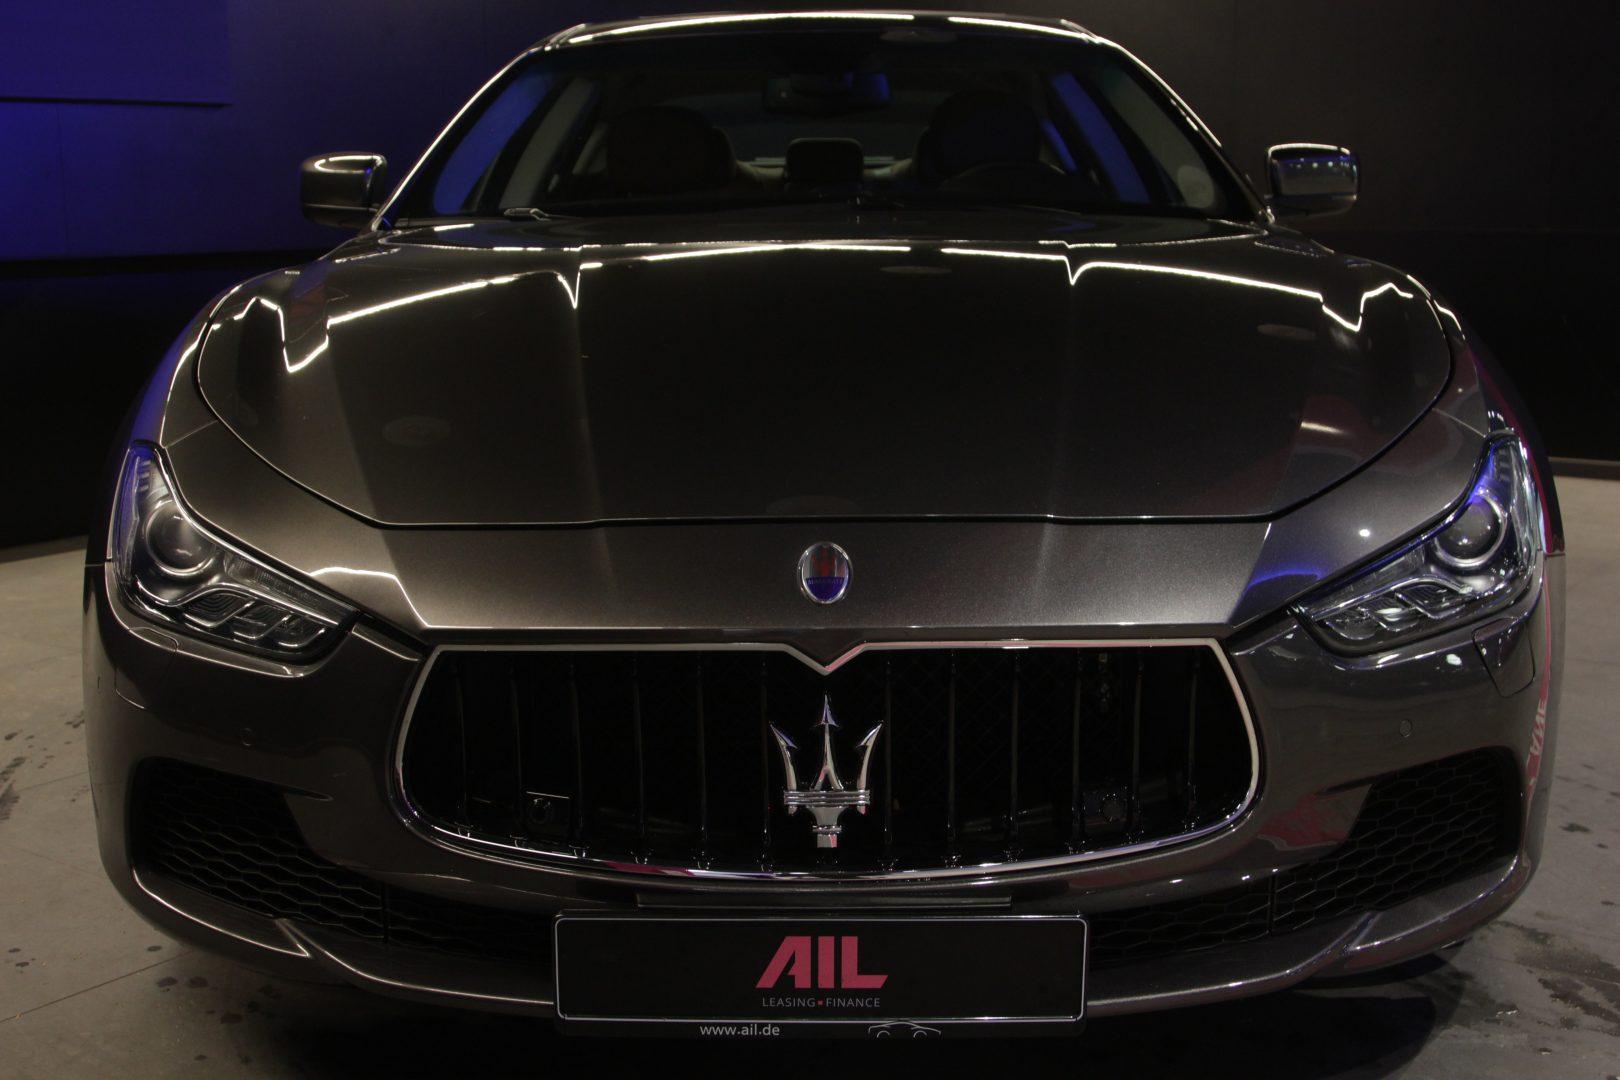 AIL Maserati Ghibli S Q4 2